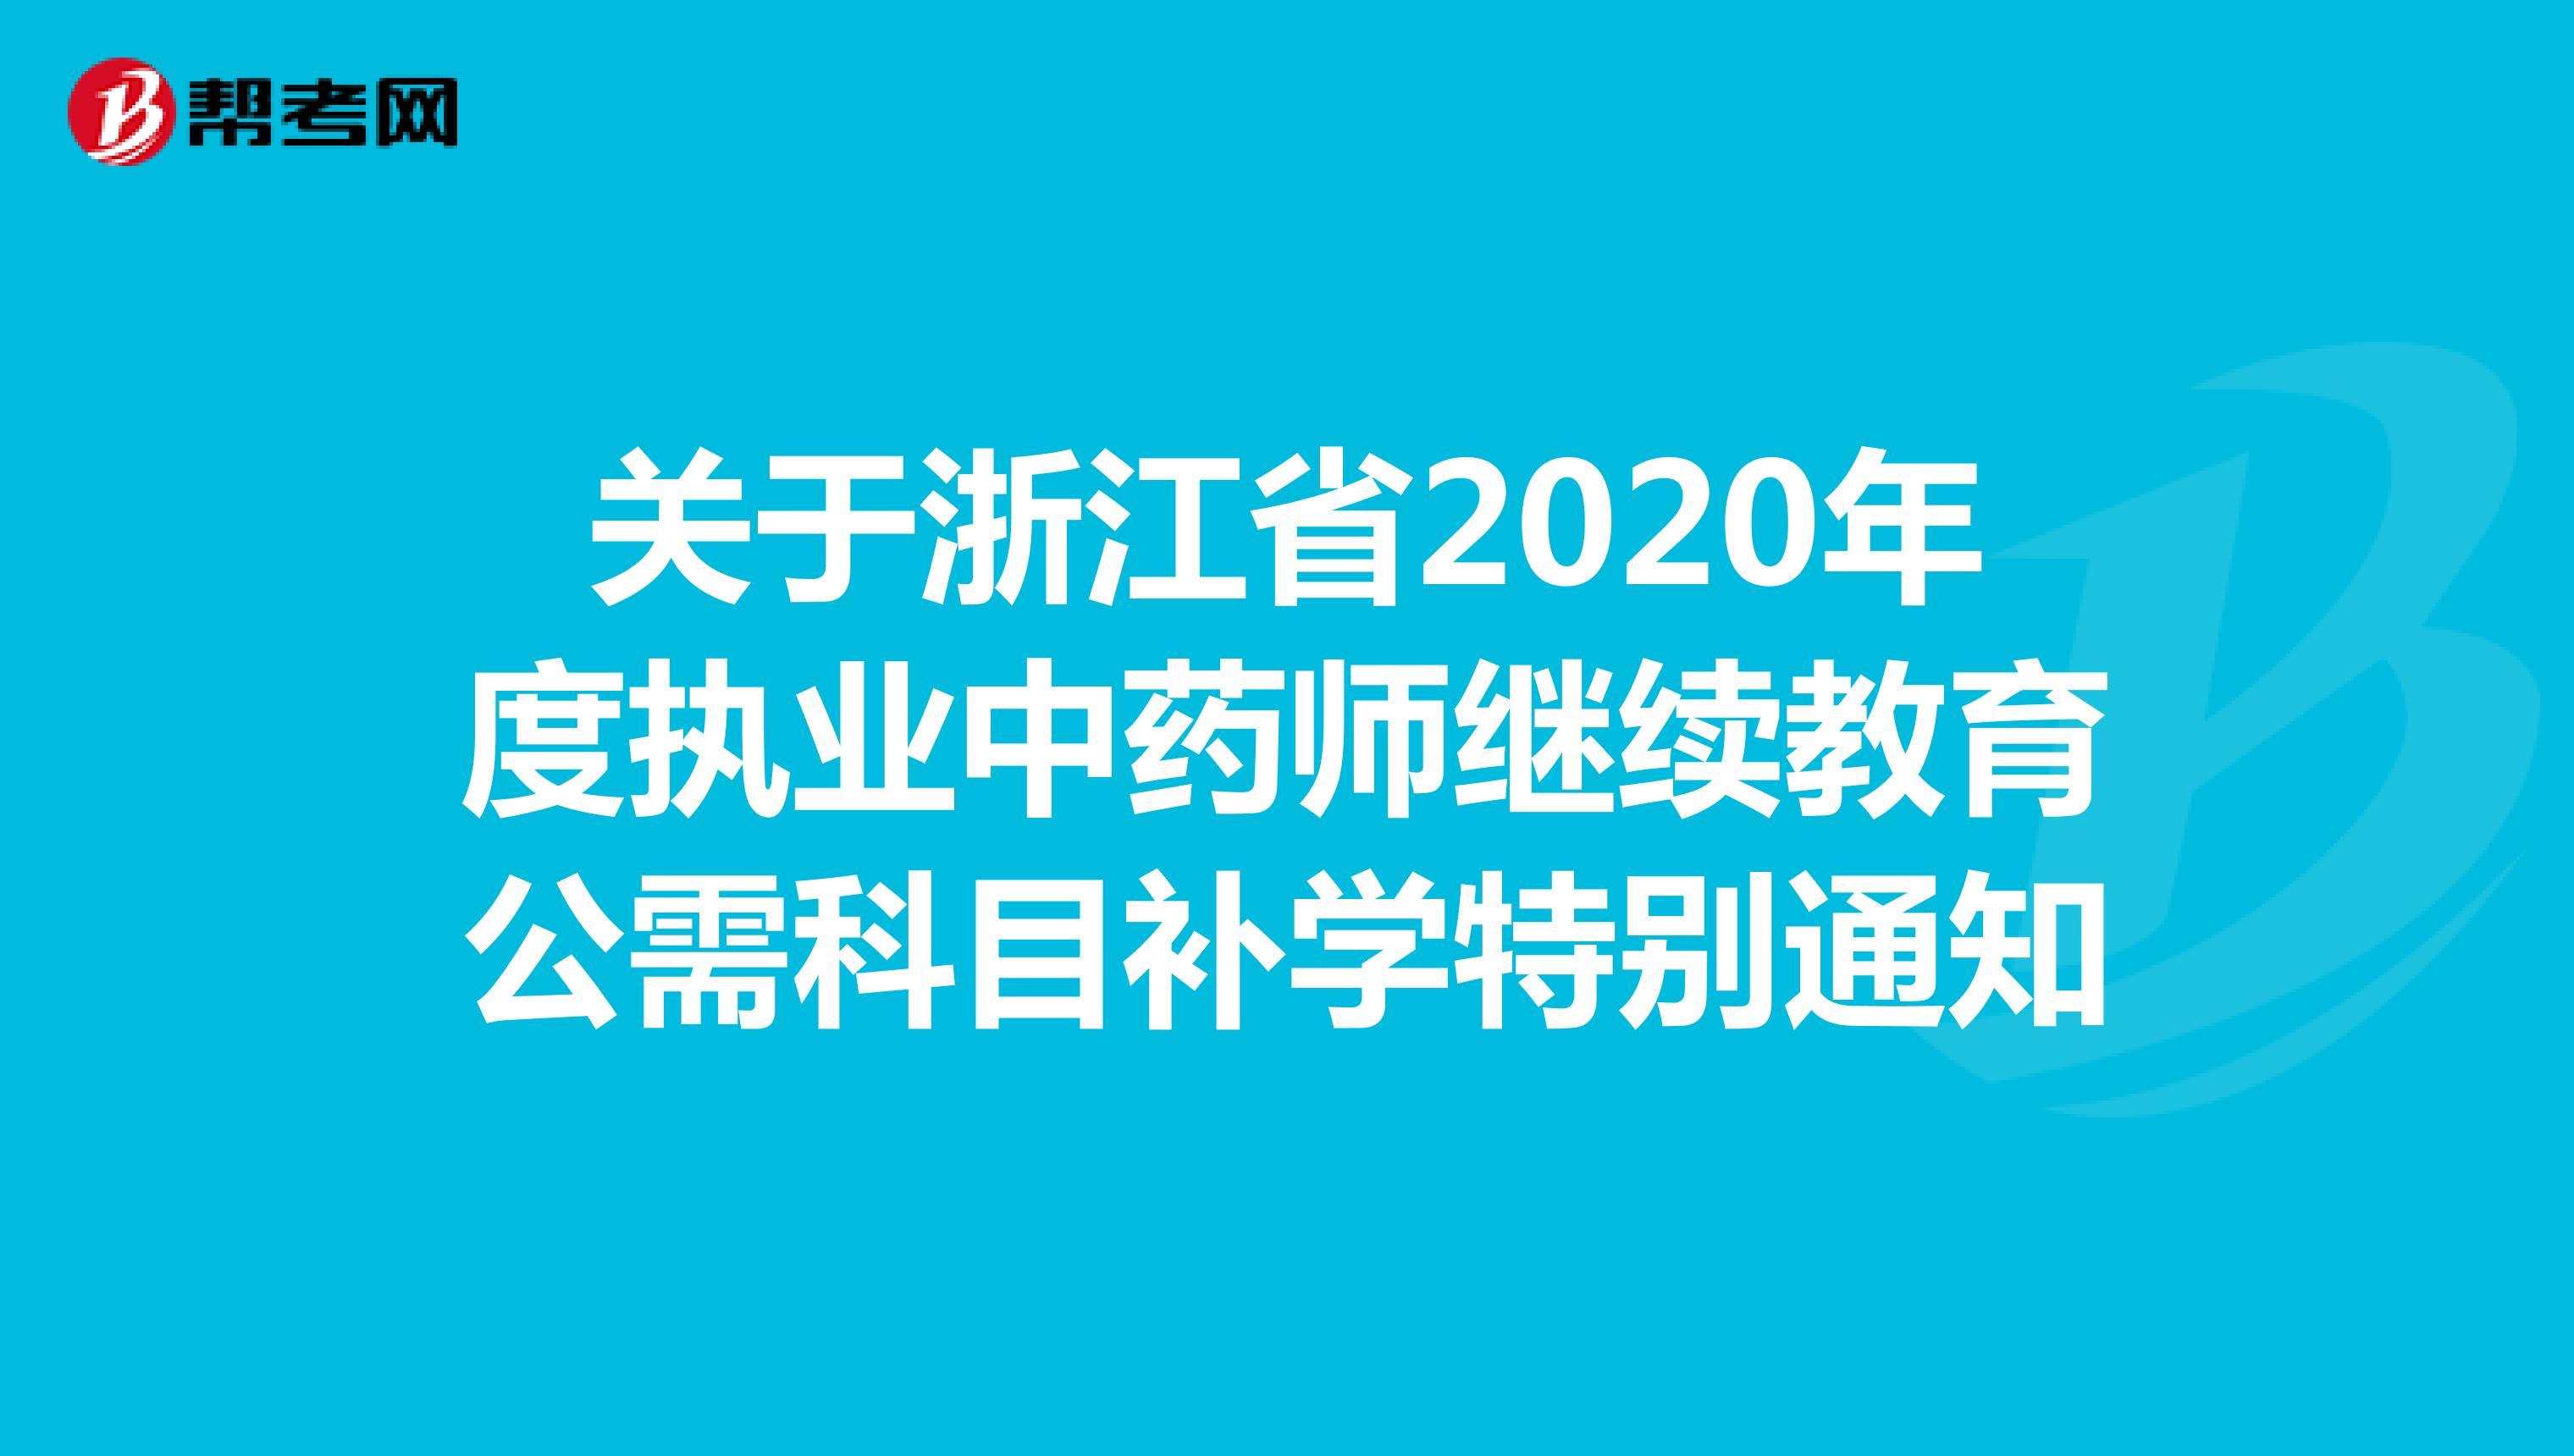 關于浙江省2020年度執業中藥師繼續教育公需科目補學特別通知